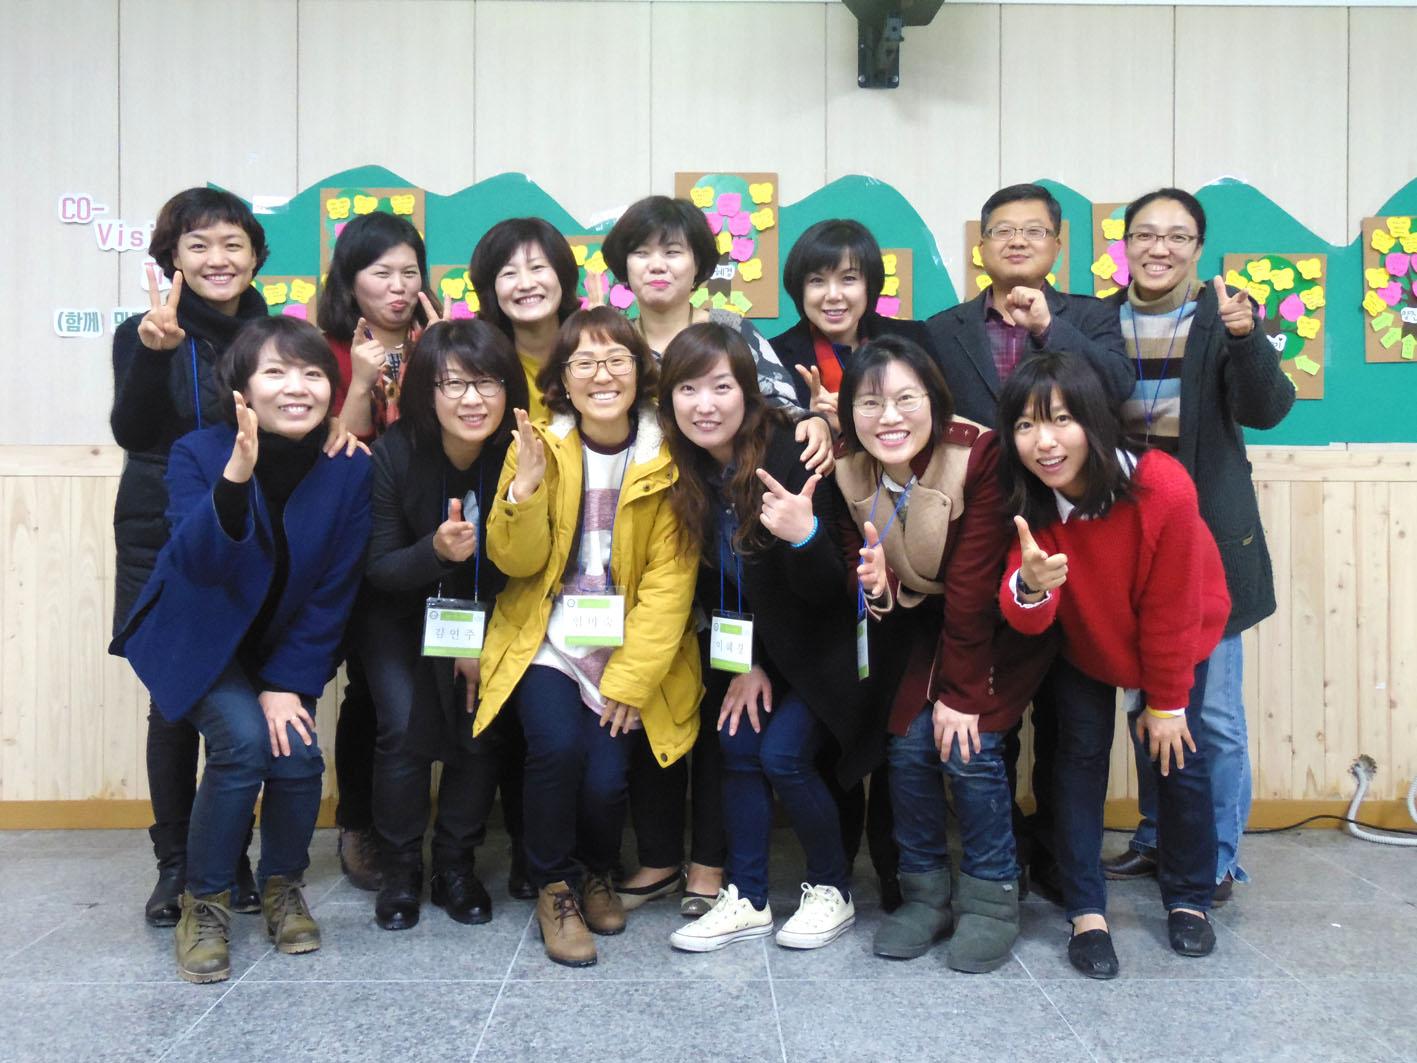 지난해 11월 공익활동지원센터의 교육을 마치고 모두 11명의 마을컨설턴트가 탄생했다.